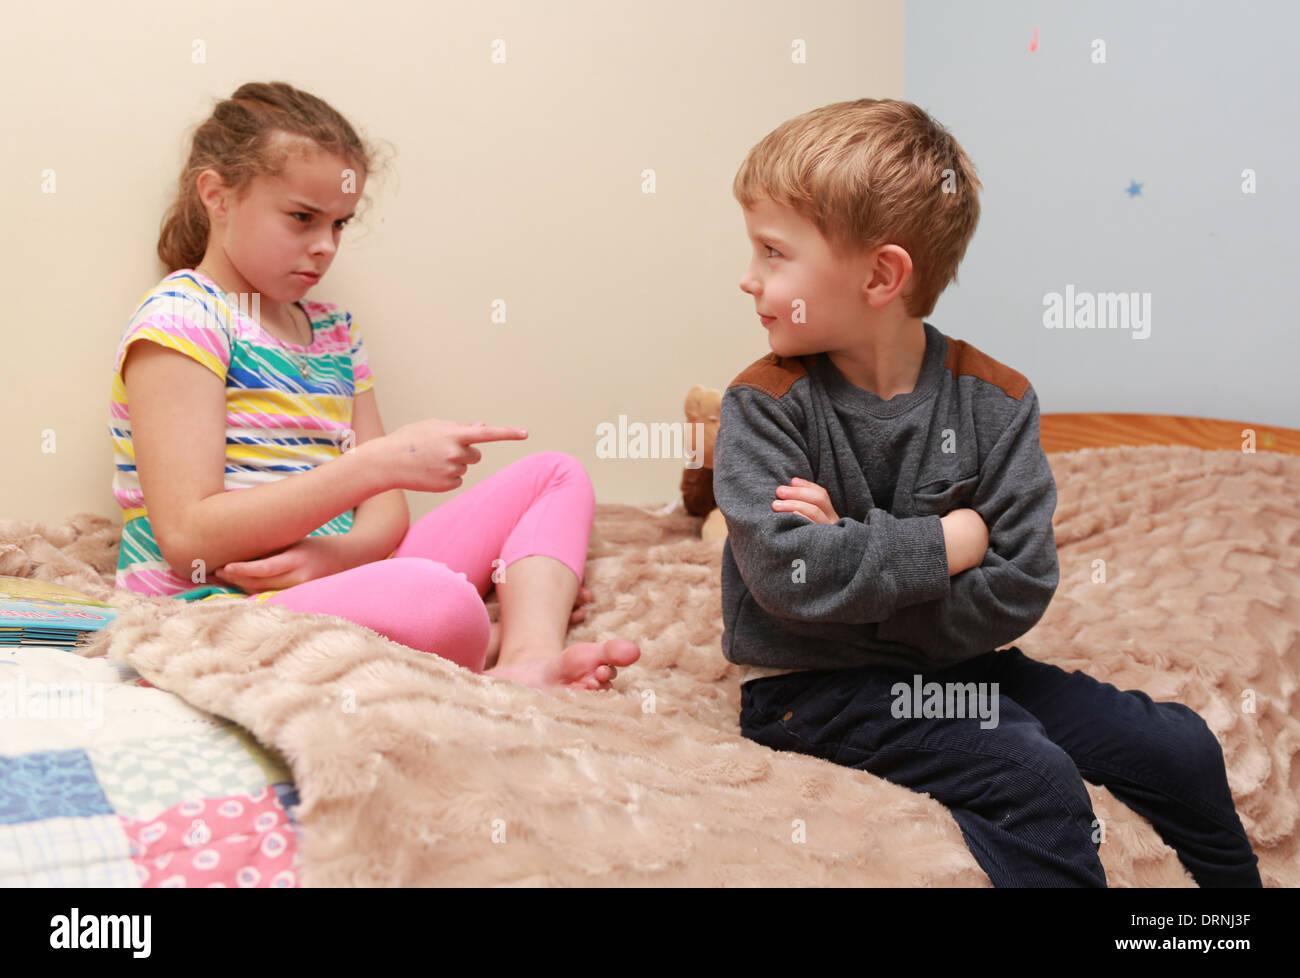 Русское порно брат трахнул пьяную сестру, брат и сестра развлекаются смотреть видео онлайн 8 фотография